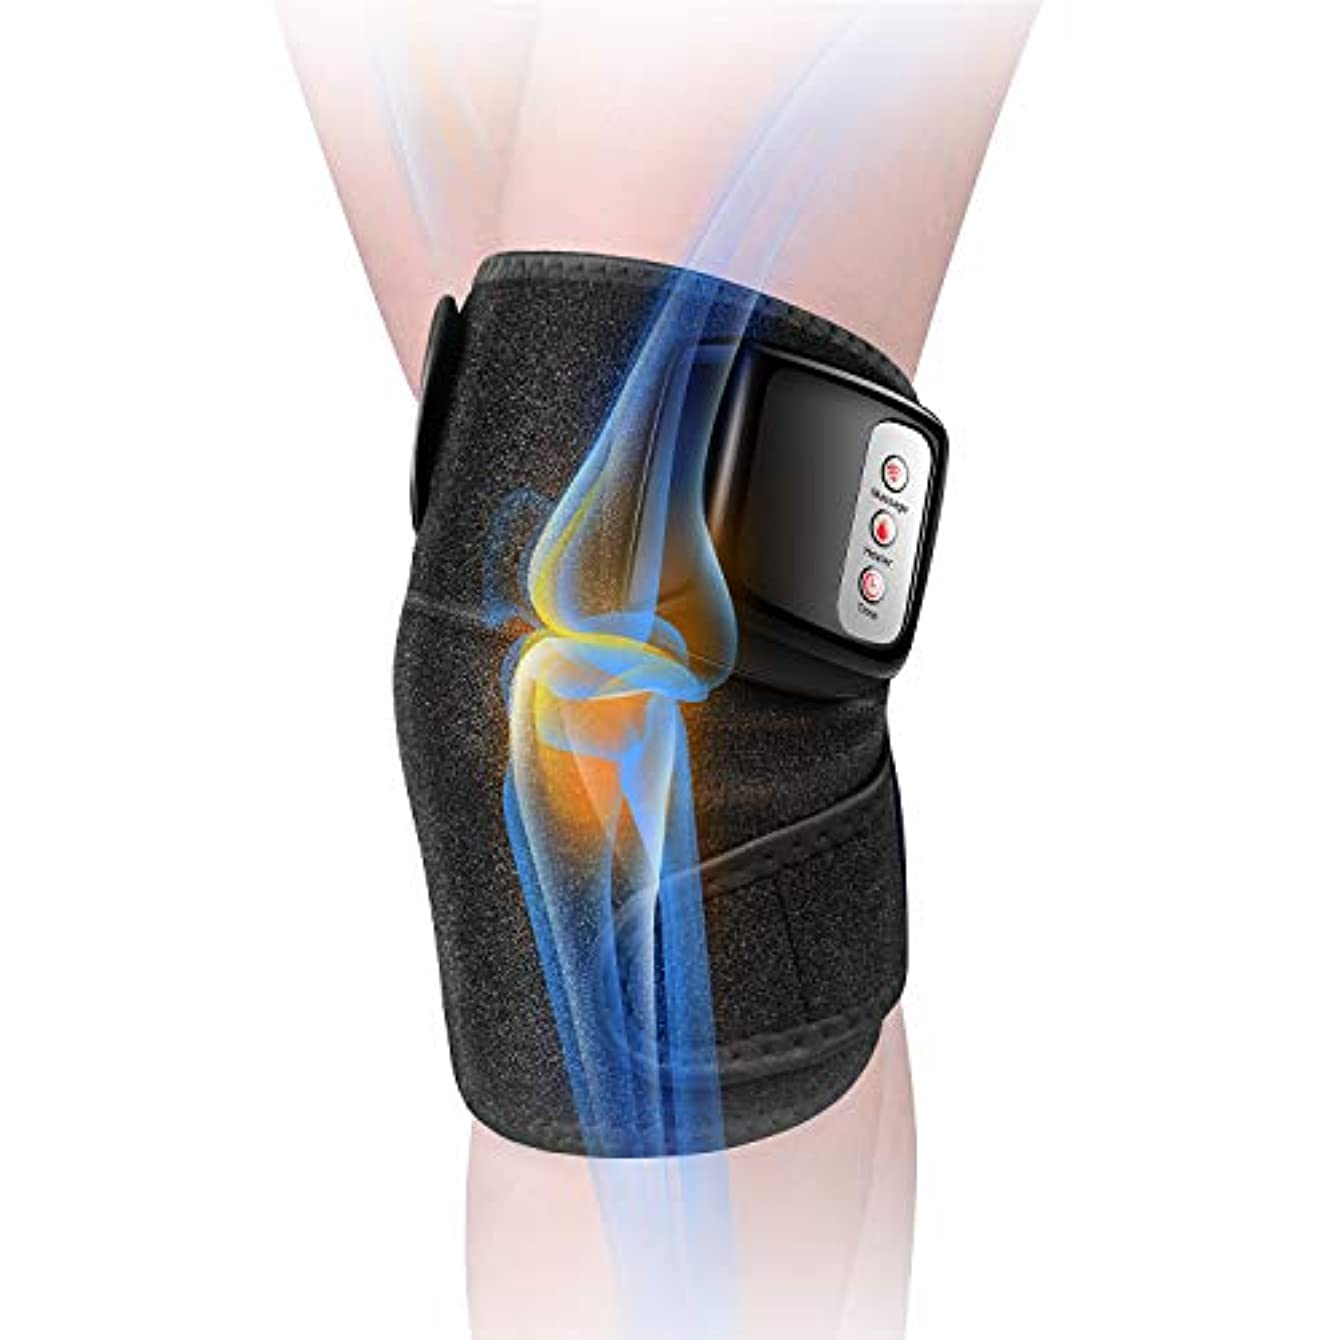 充実扱うお父さん膝マッサージャー 関節マッサージャー マッサージ器 フットマッサージャー 振動 赤外線療法 温熱療法 膝サポーター ストレス解消 肩 太もも/腕対応